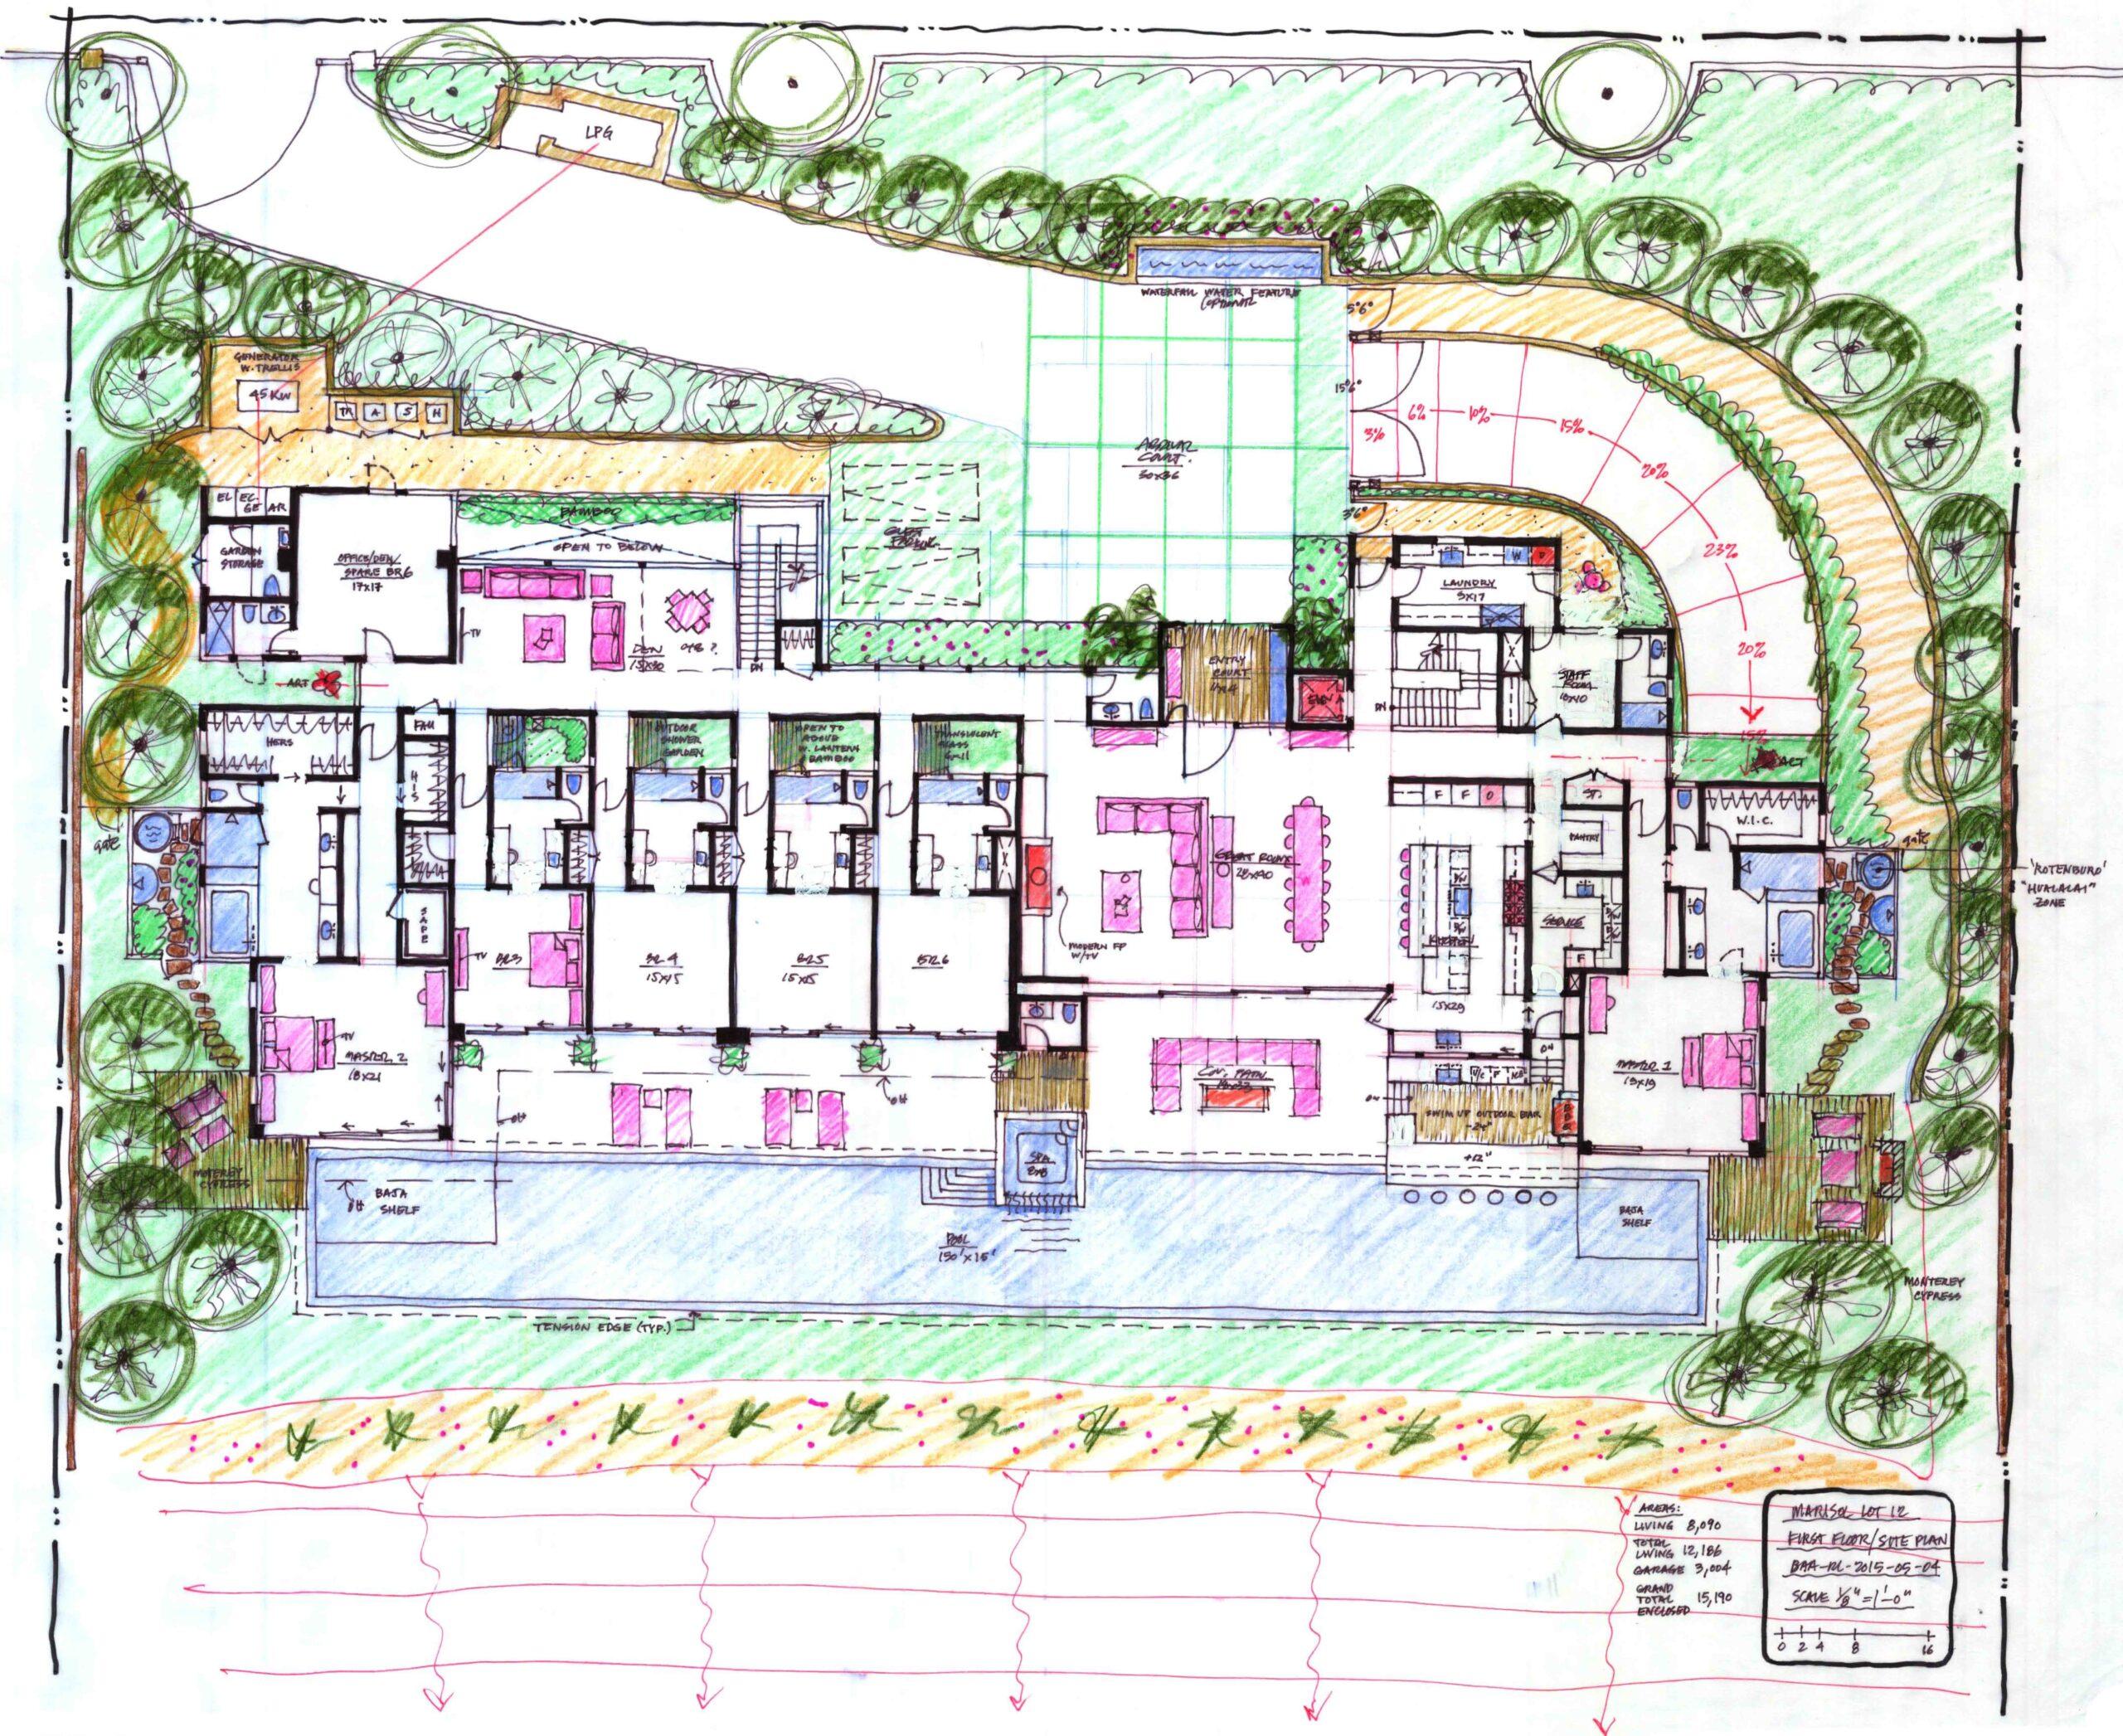 Marisol Lot 12_1st floor-site plan